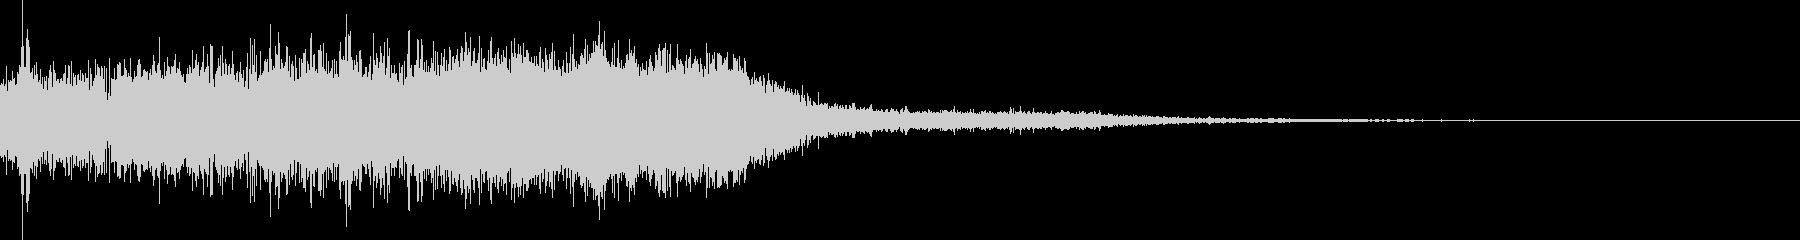 ビームガンの未再生の波形